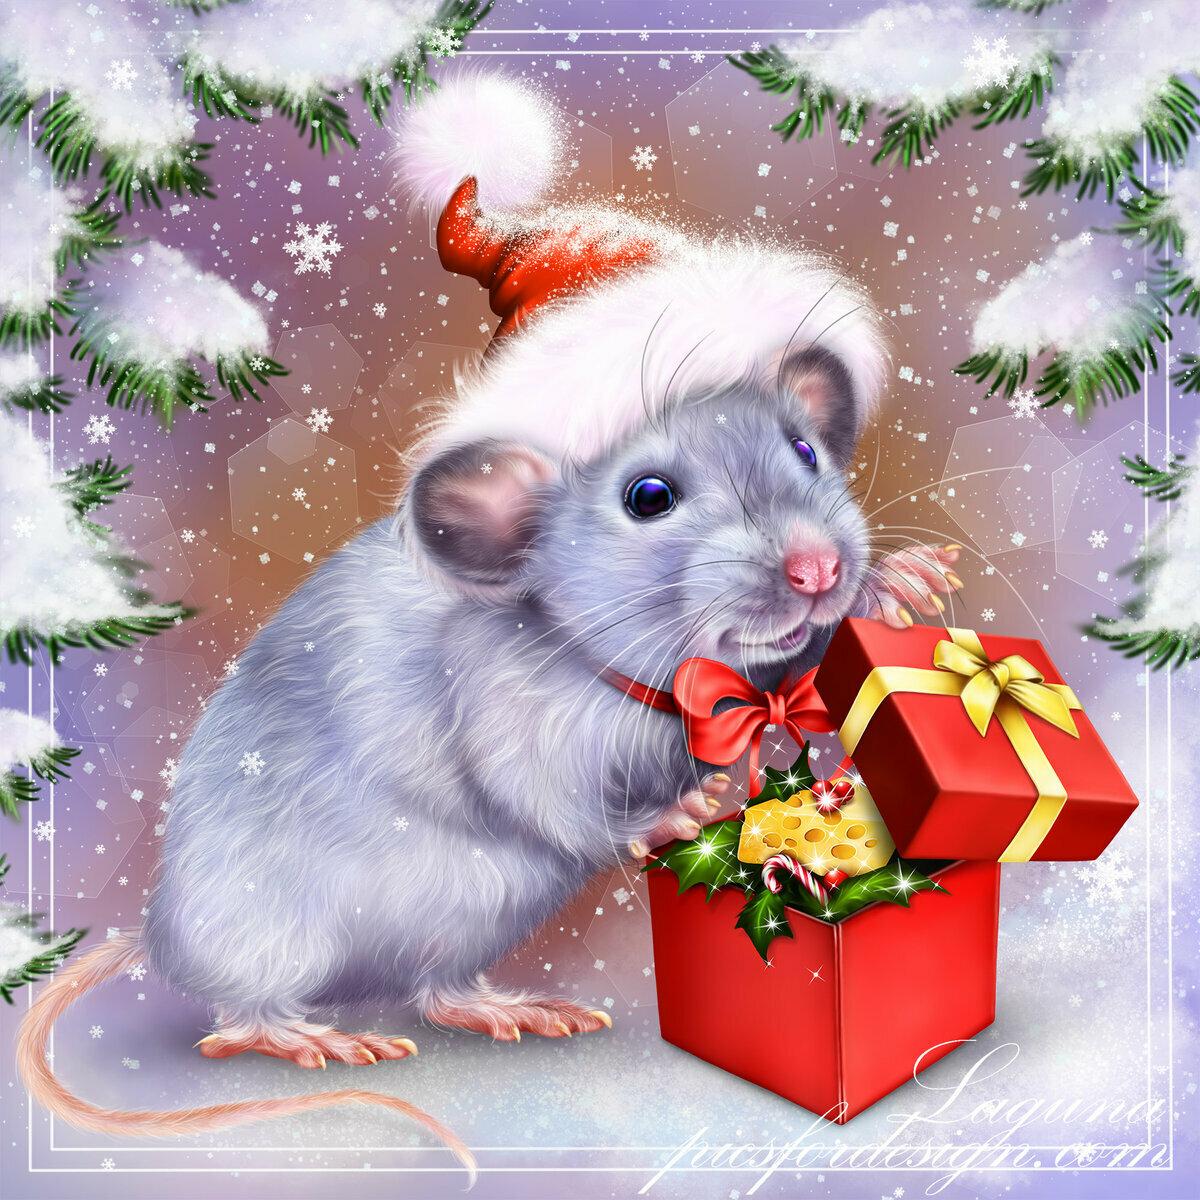 милые поздравления с годом крысы ищут голосистых пойменных